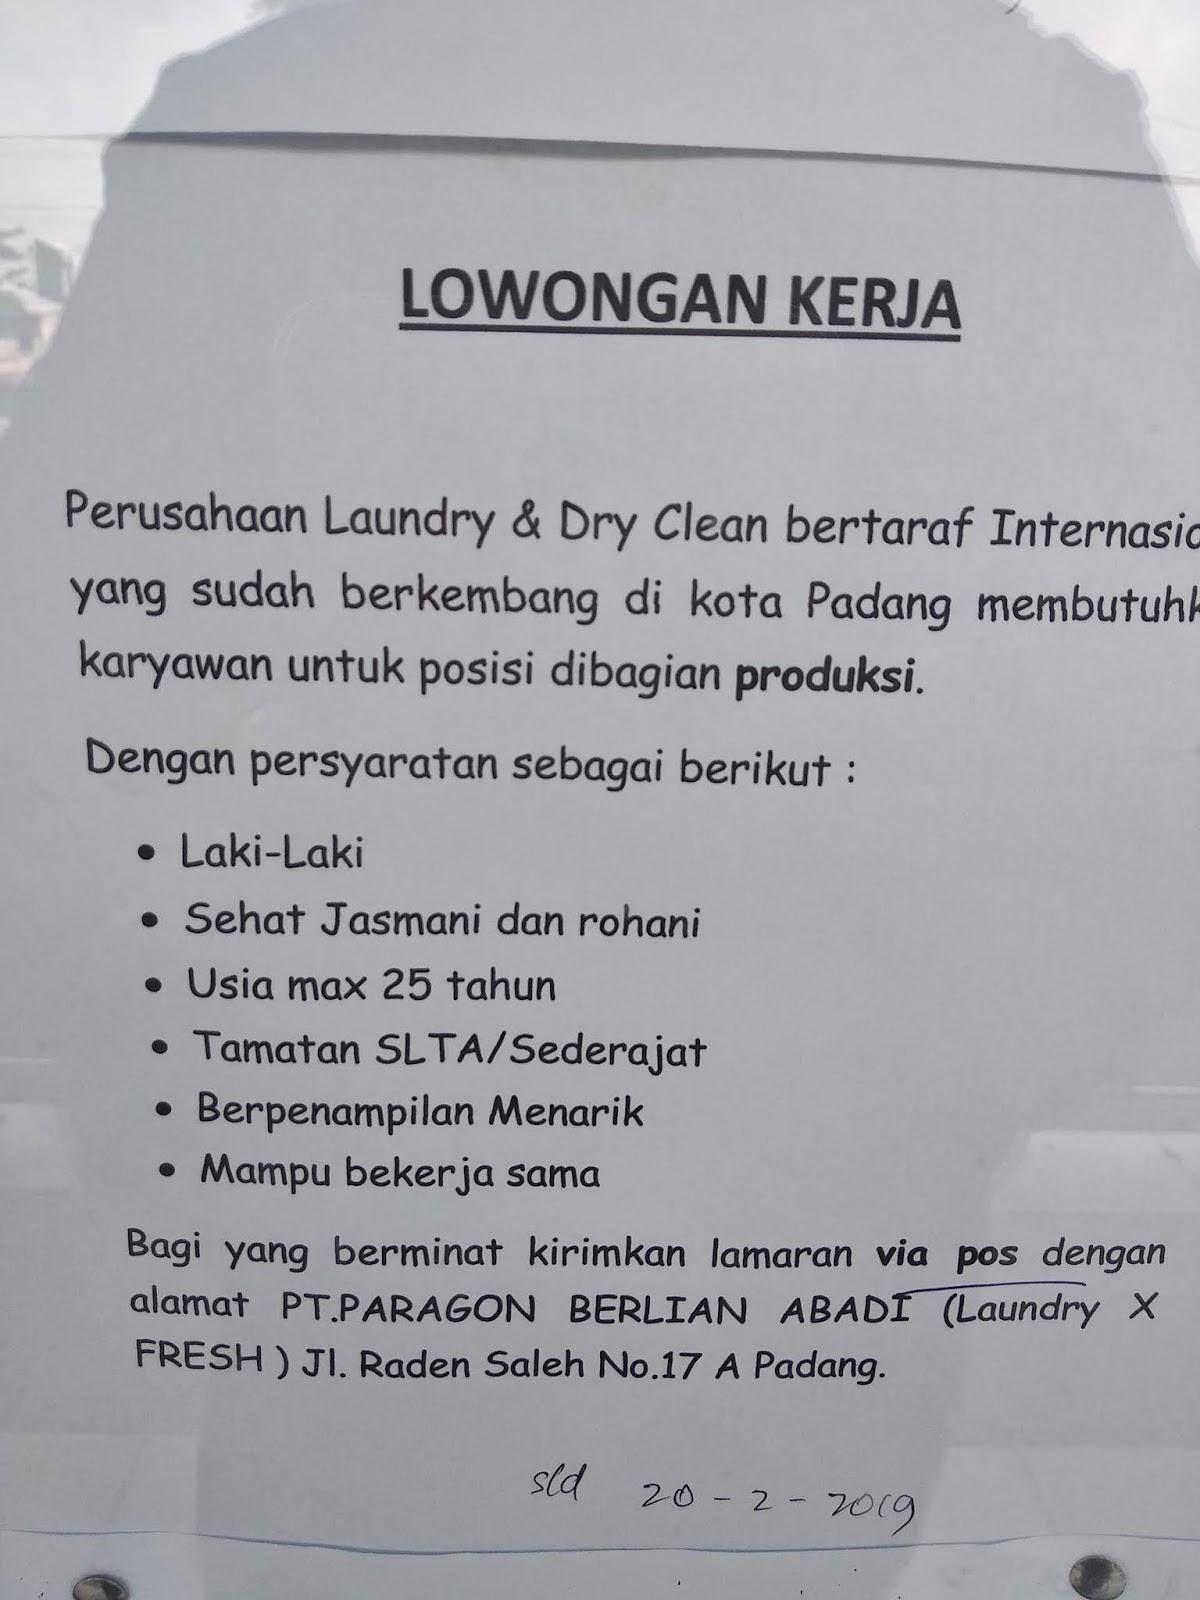 Lowongan Kerja Padang Karyawan Laundry Adsanjaya